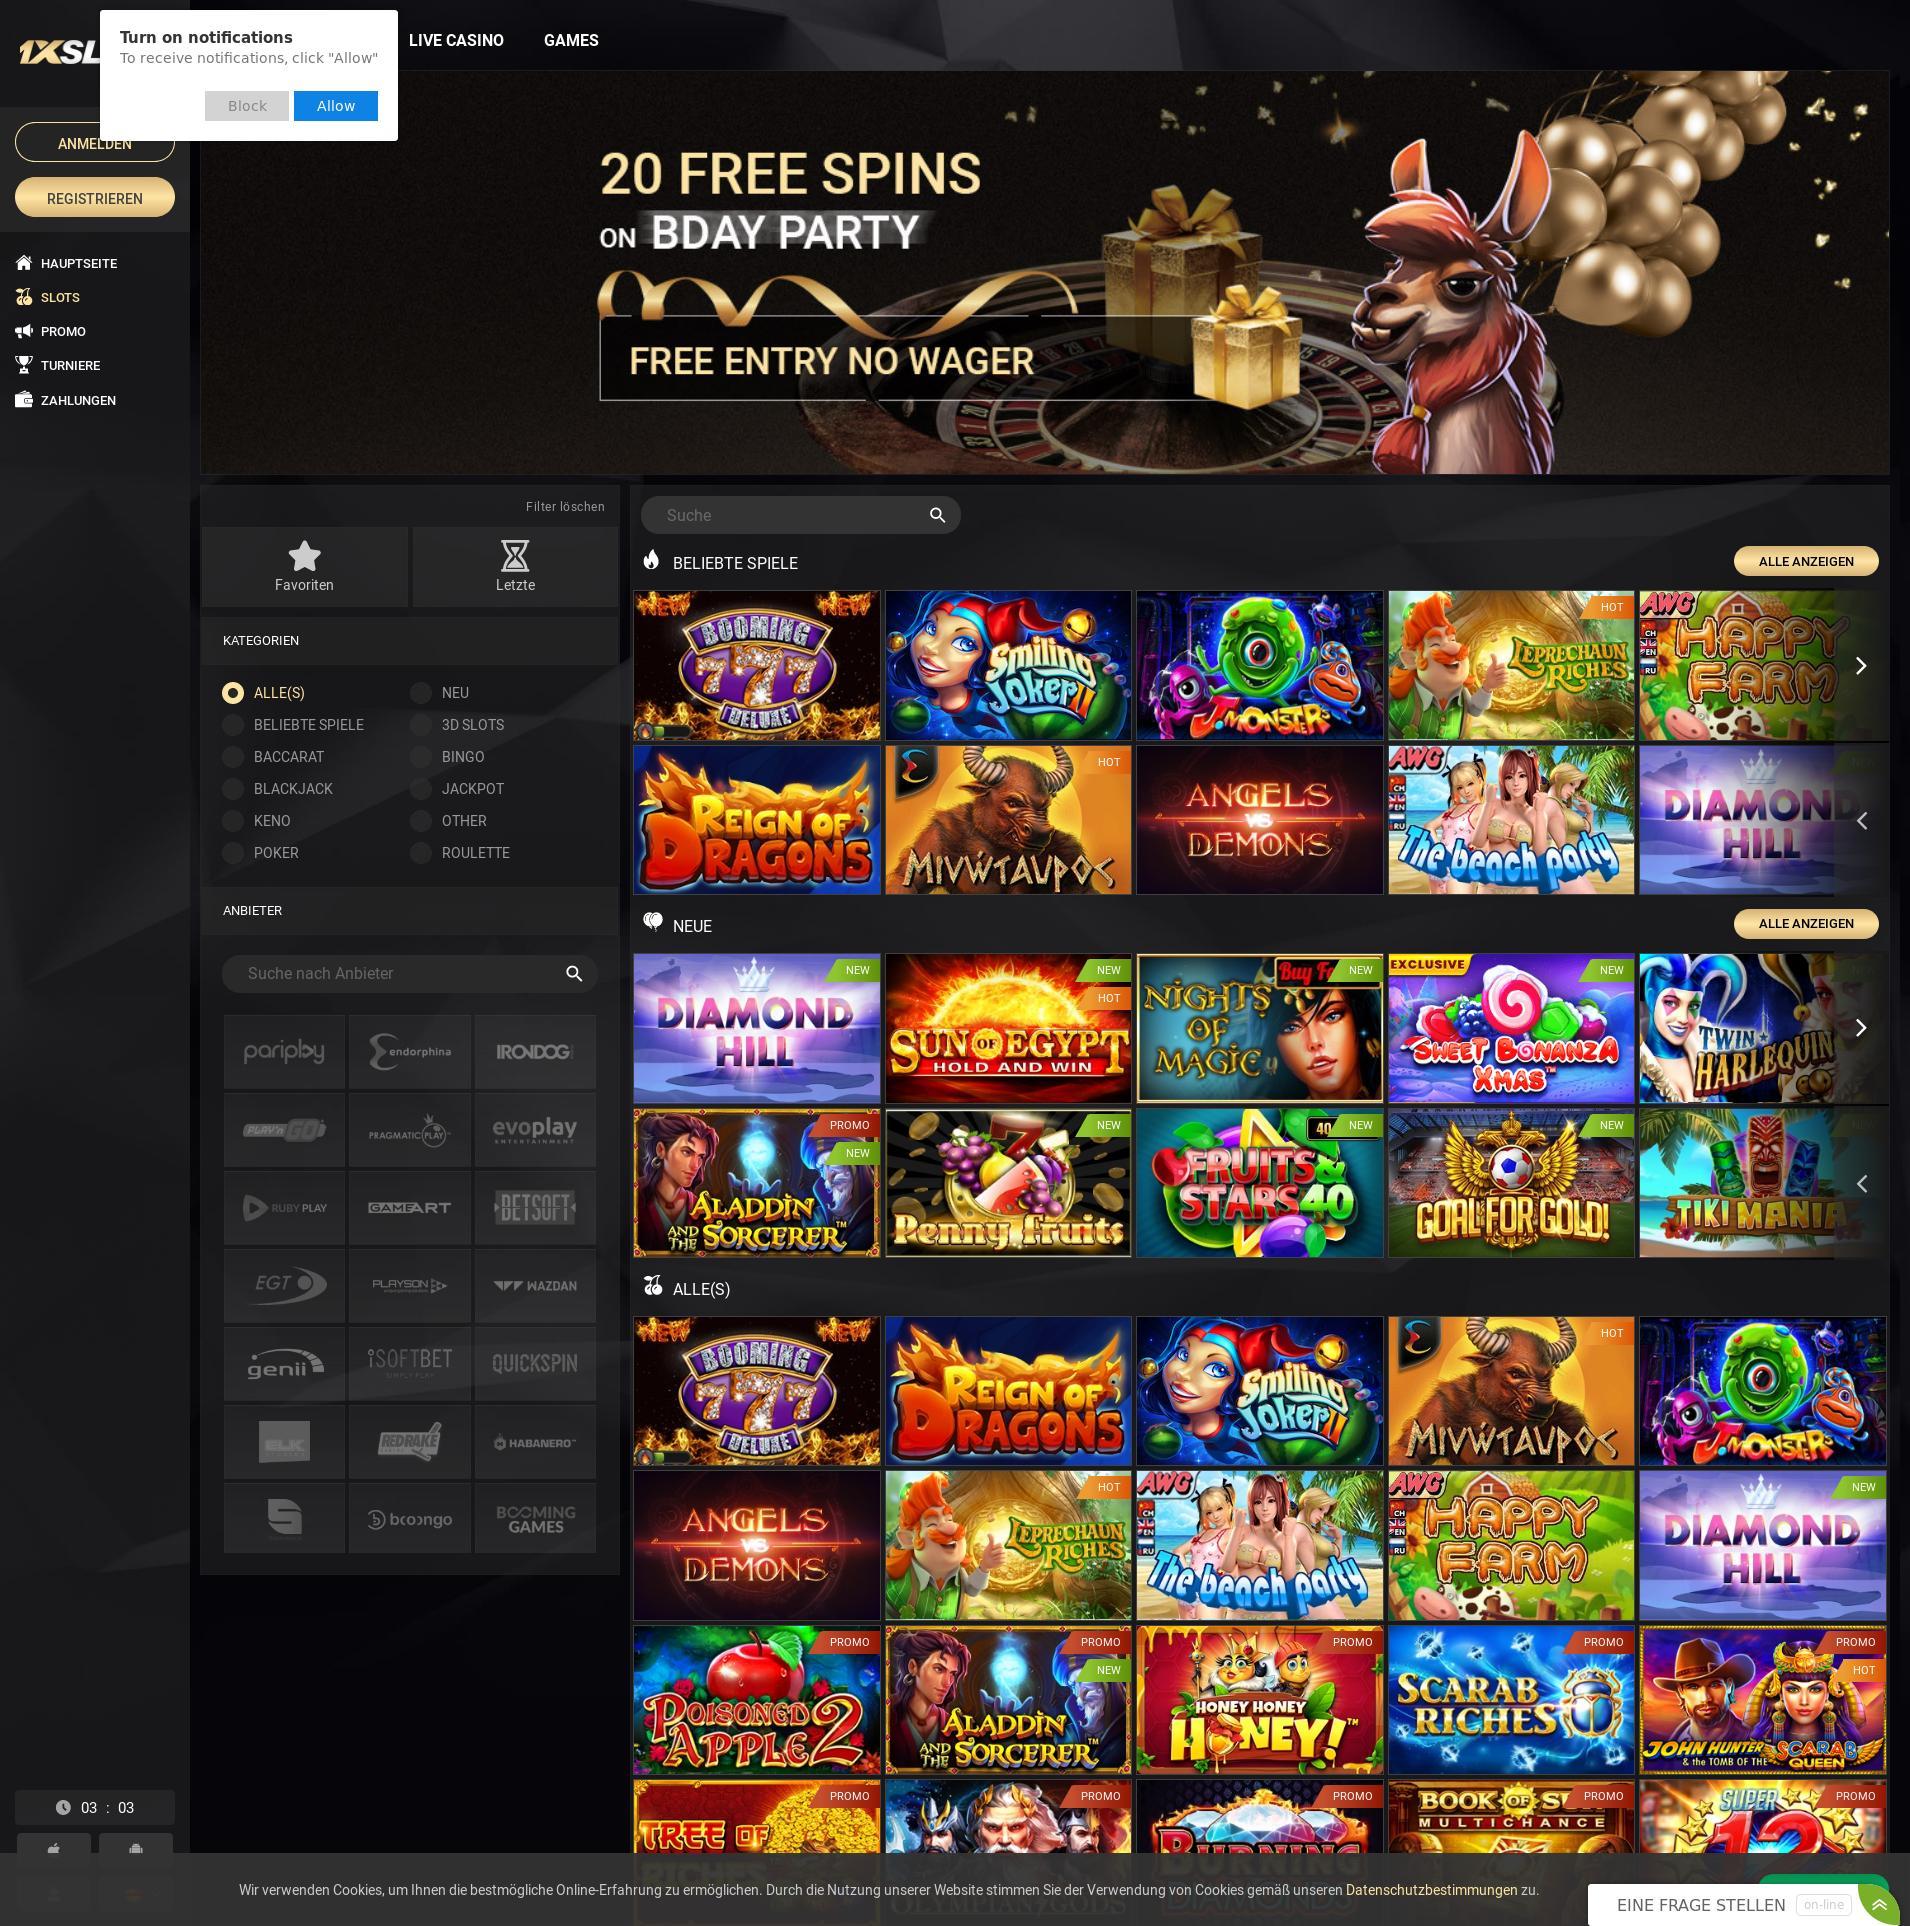 カジノのスクリーン Lobby 2019-11-20 ために フィンランド